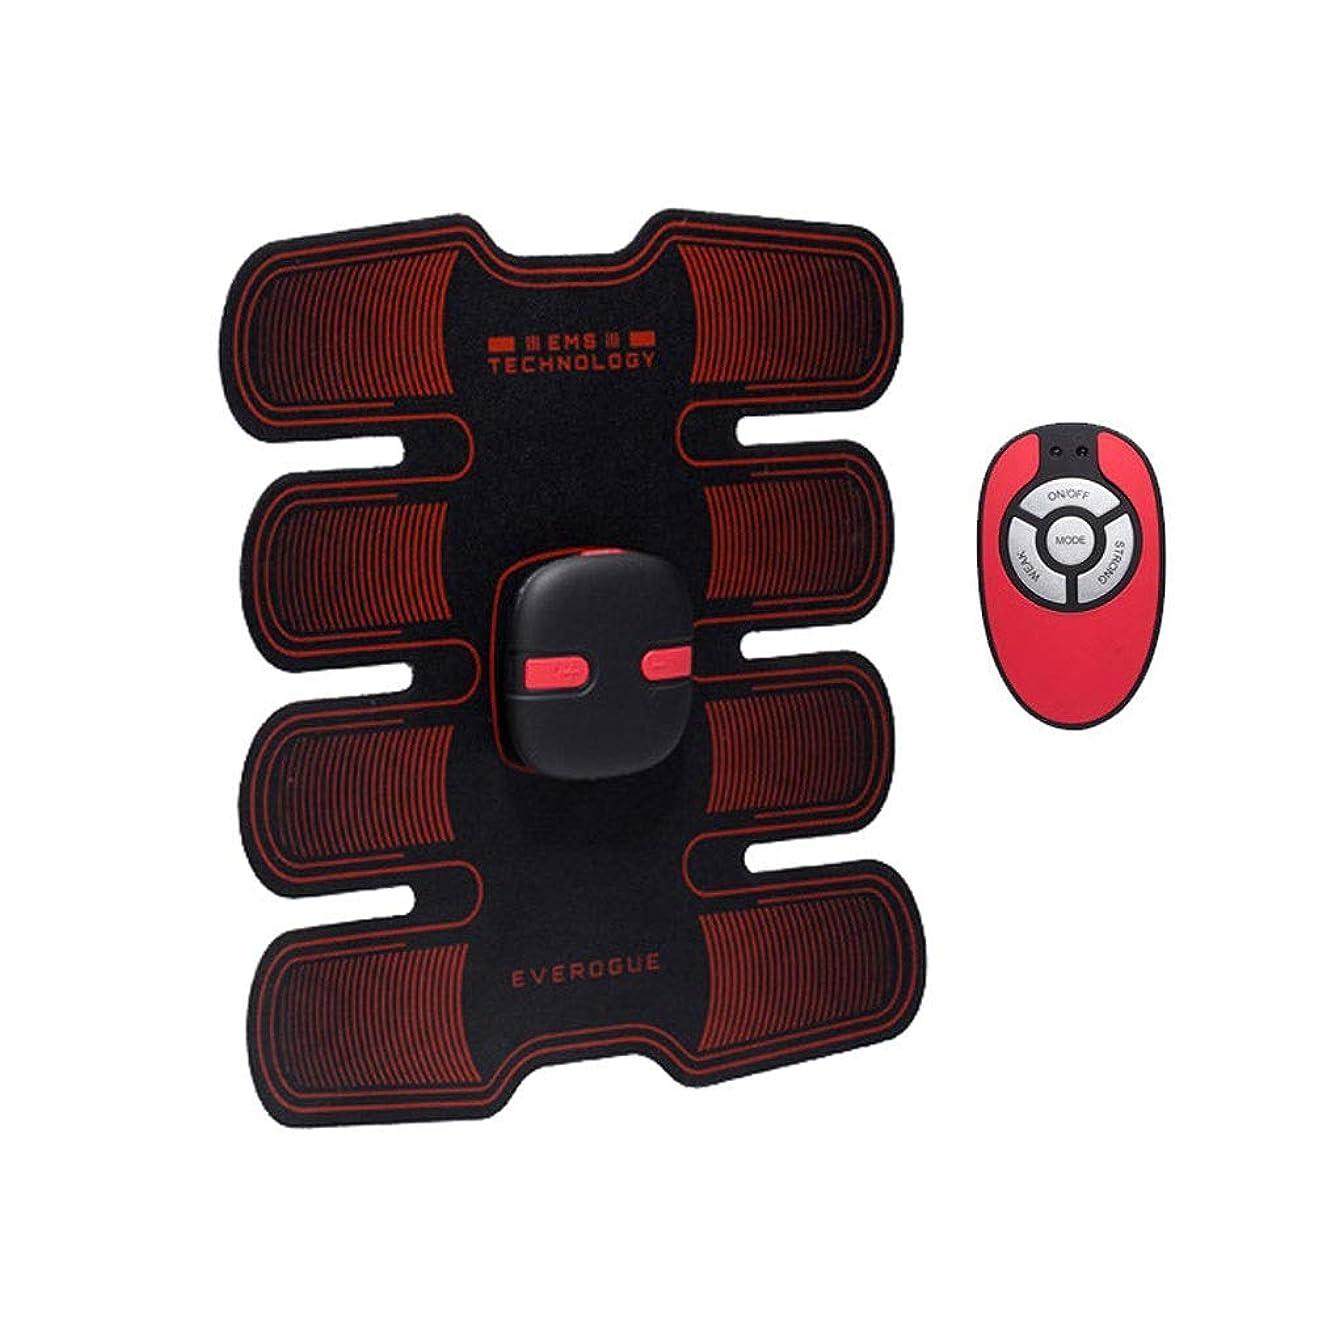 する必要がある宿合図フィットネストレーニングギア、リモコン付きEMS筋肉刺激装置USB充電式究極の腹部刺激装置 - 男性用女性用筋肉トナー (Size : A)